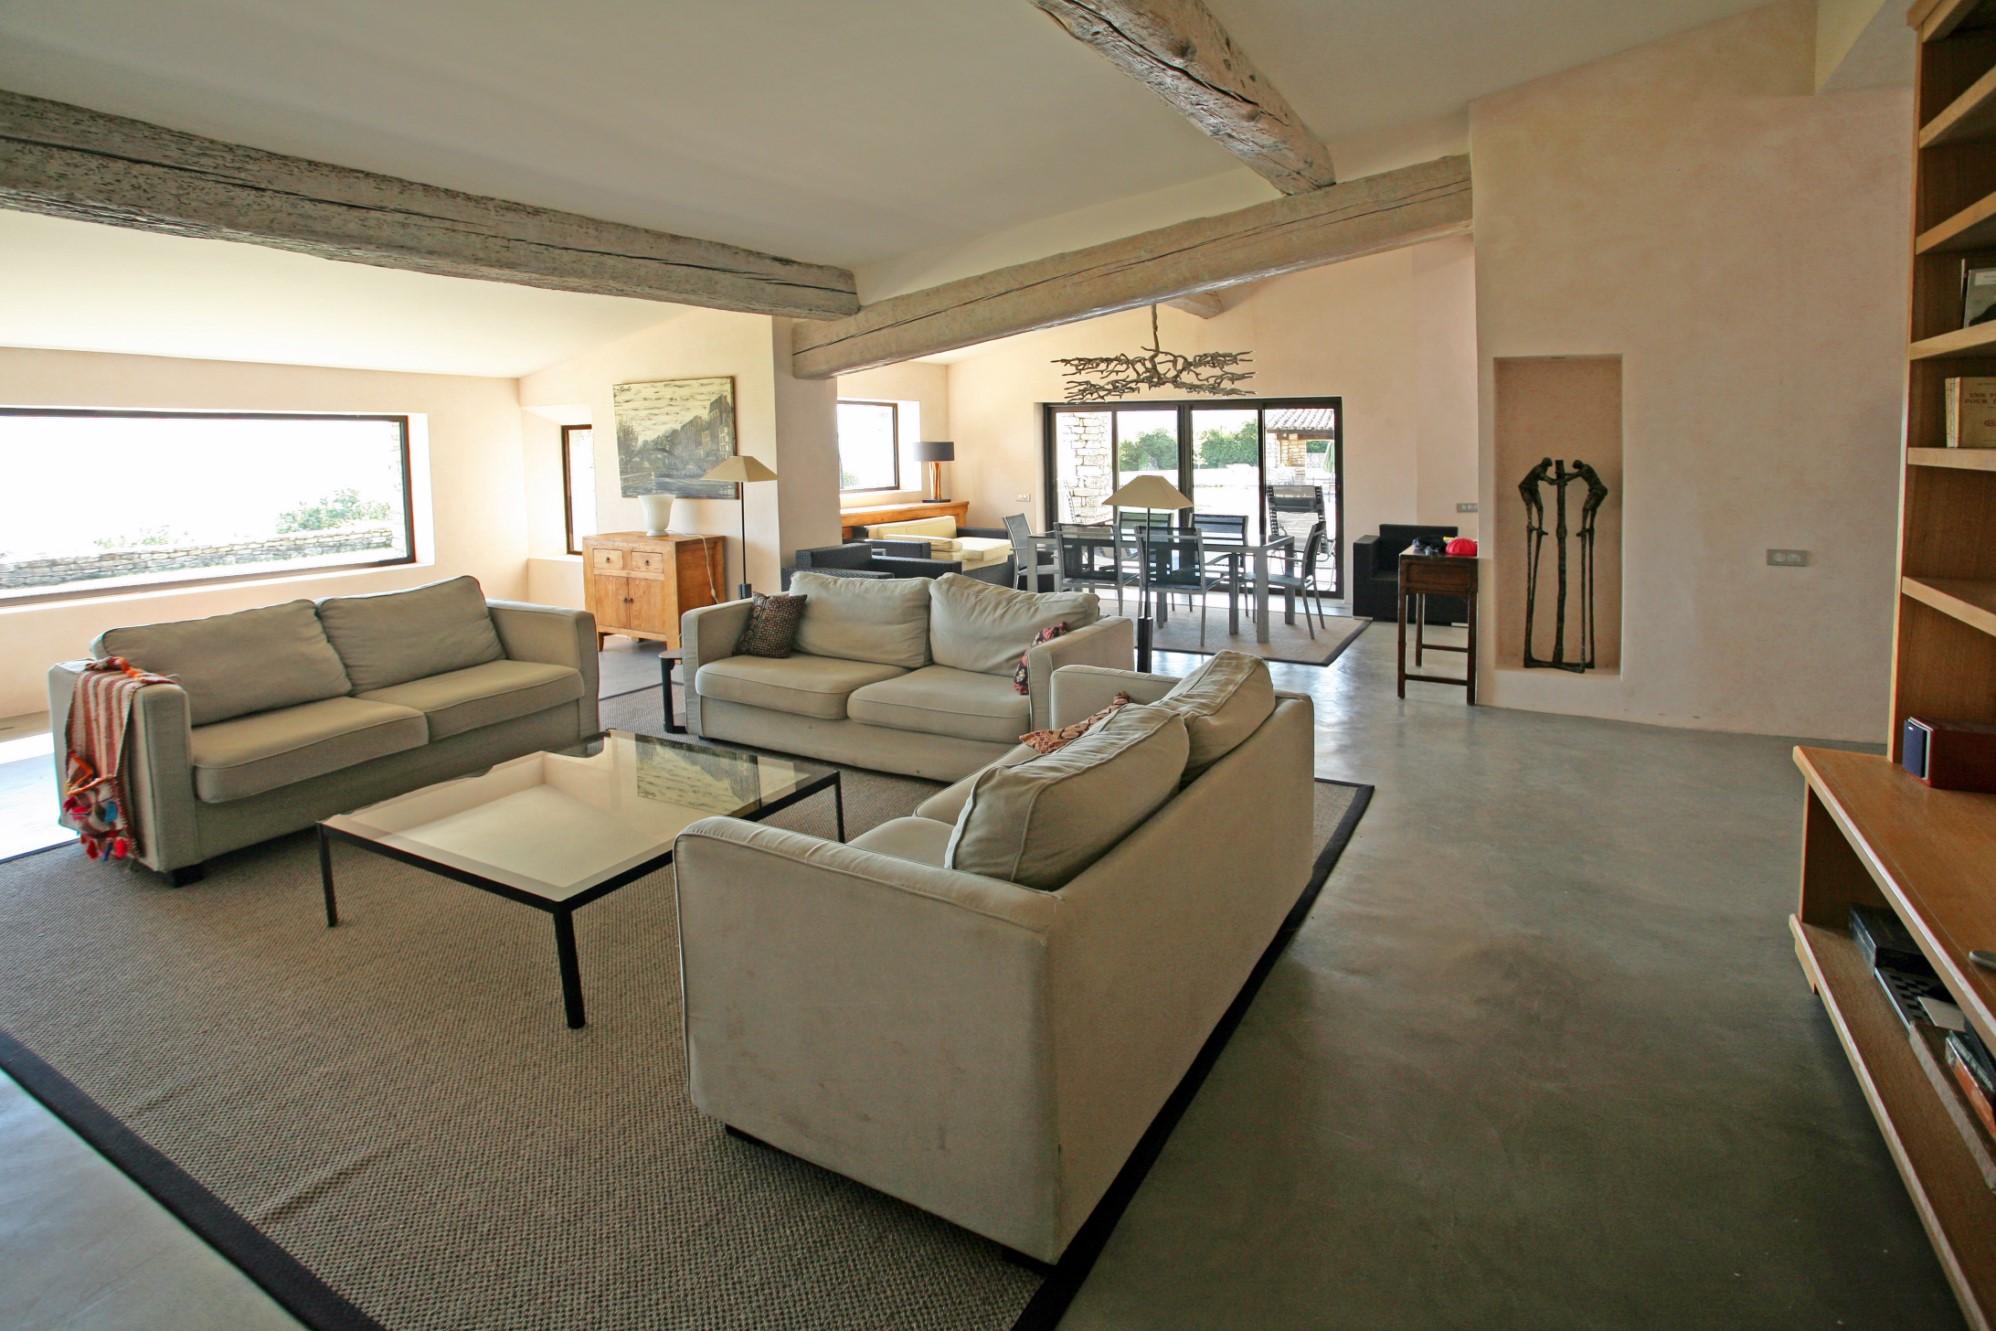 A vendre à Gordes, maison contemporaine en pierres totalement rénovée avec vue superbe sur le Luberon et les Alpilles